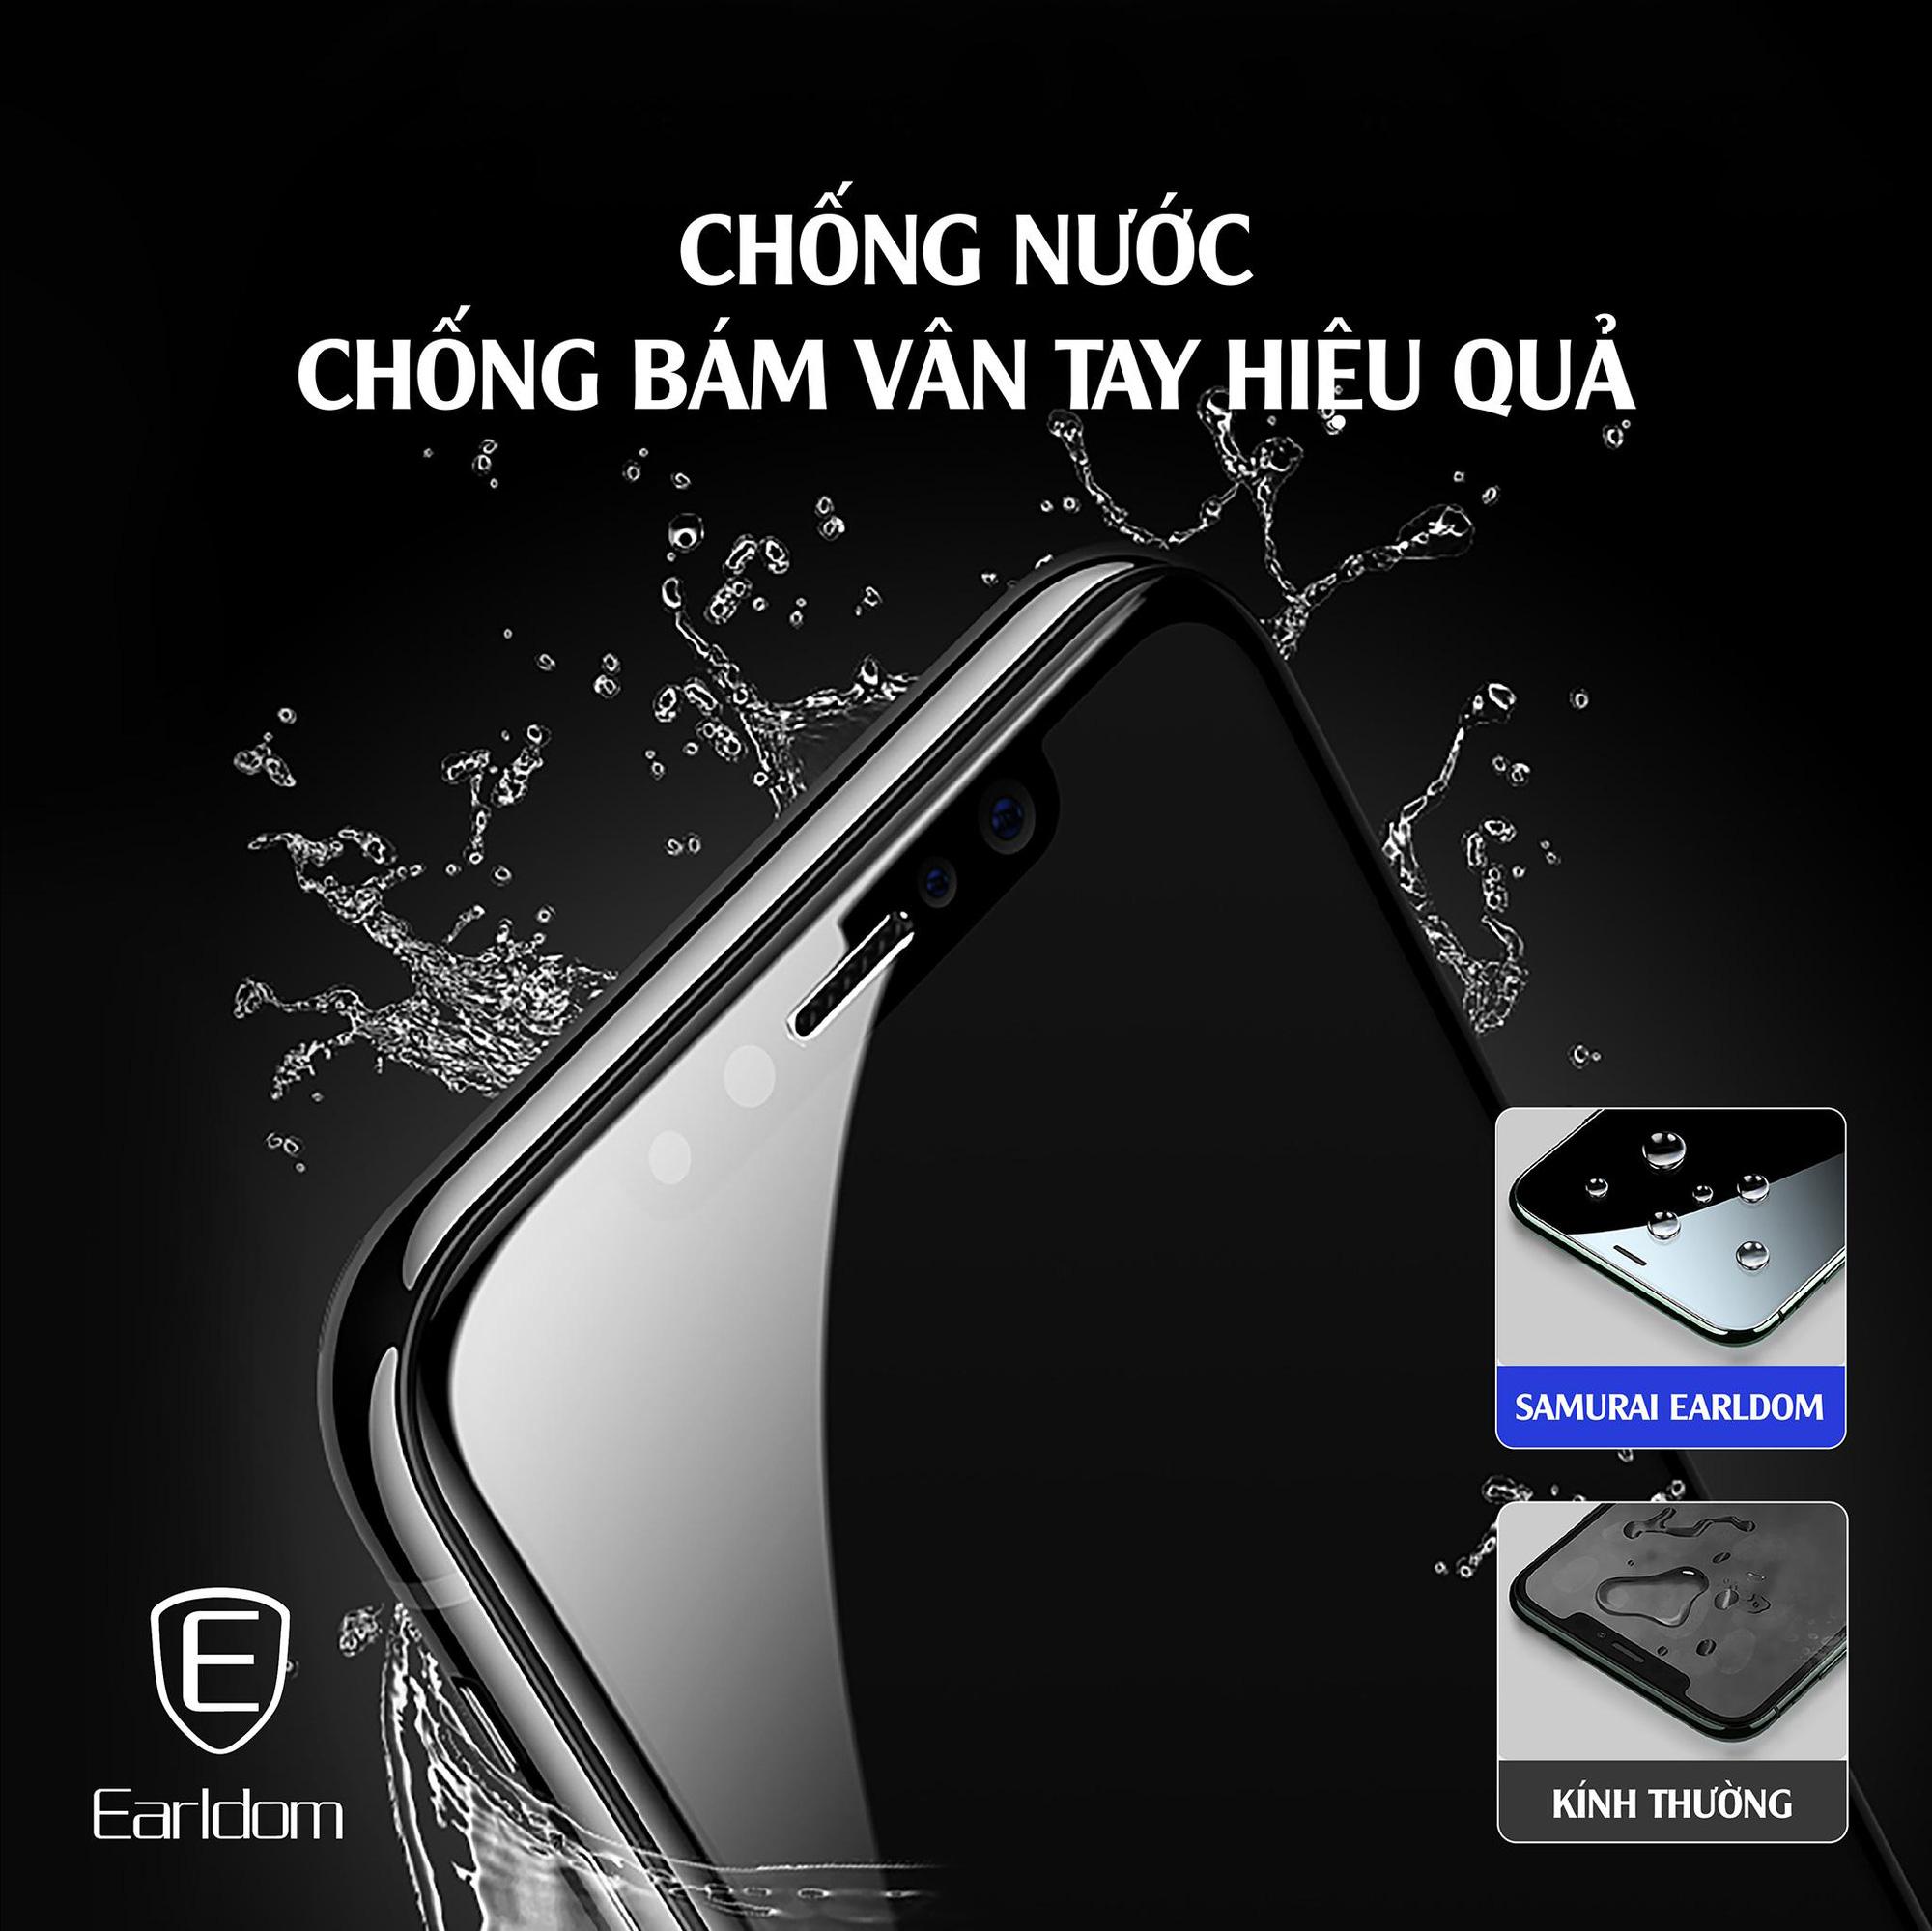 Earldom Việt Nam ra mắt sản phẩm kính cường lực bảo vệ điện thoại và bảo vệ đôi mắt cho người sử dụng smartphone - Ảnh 4.